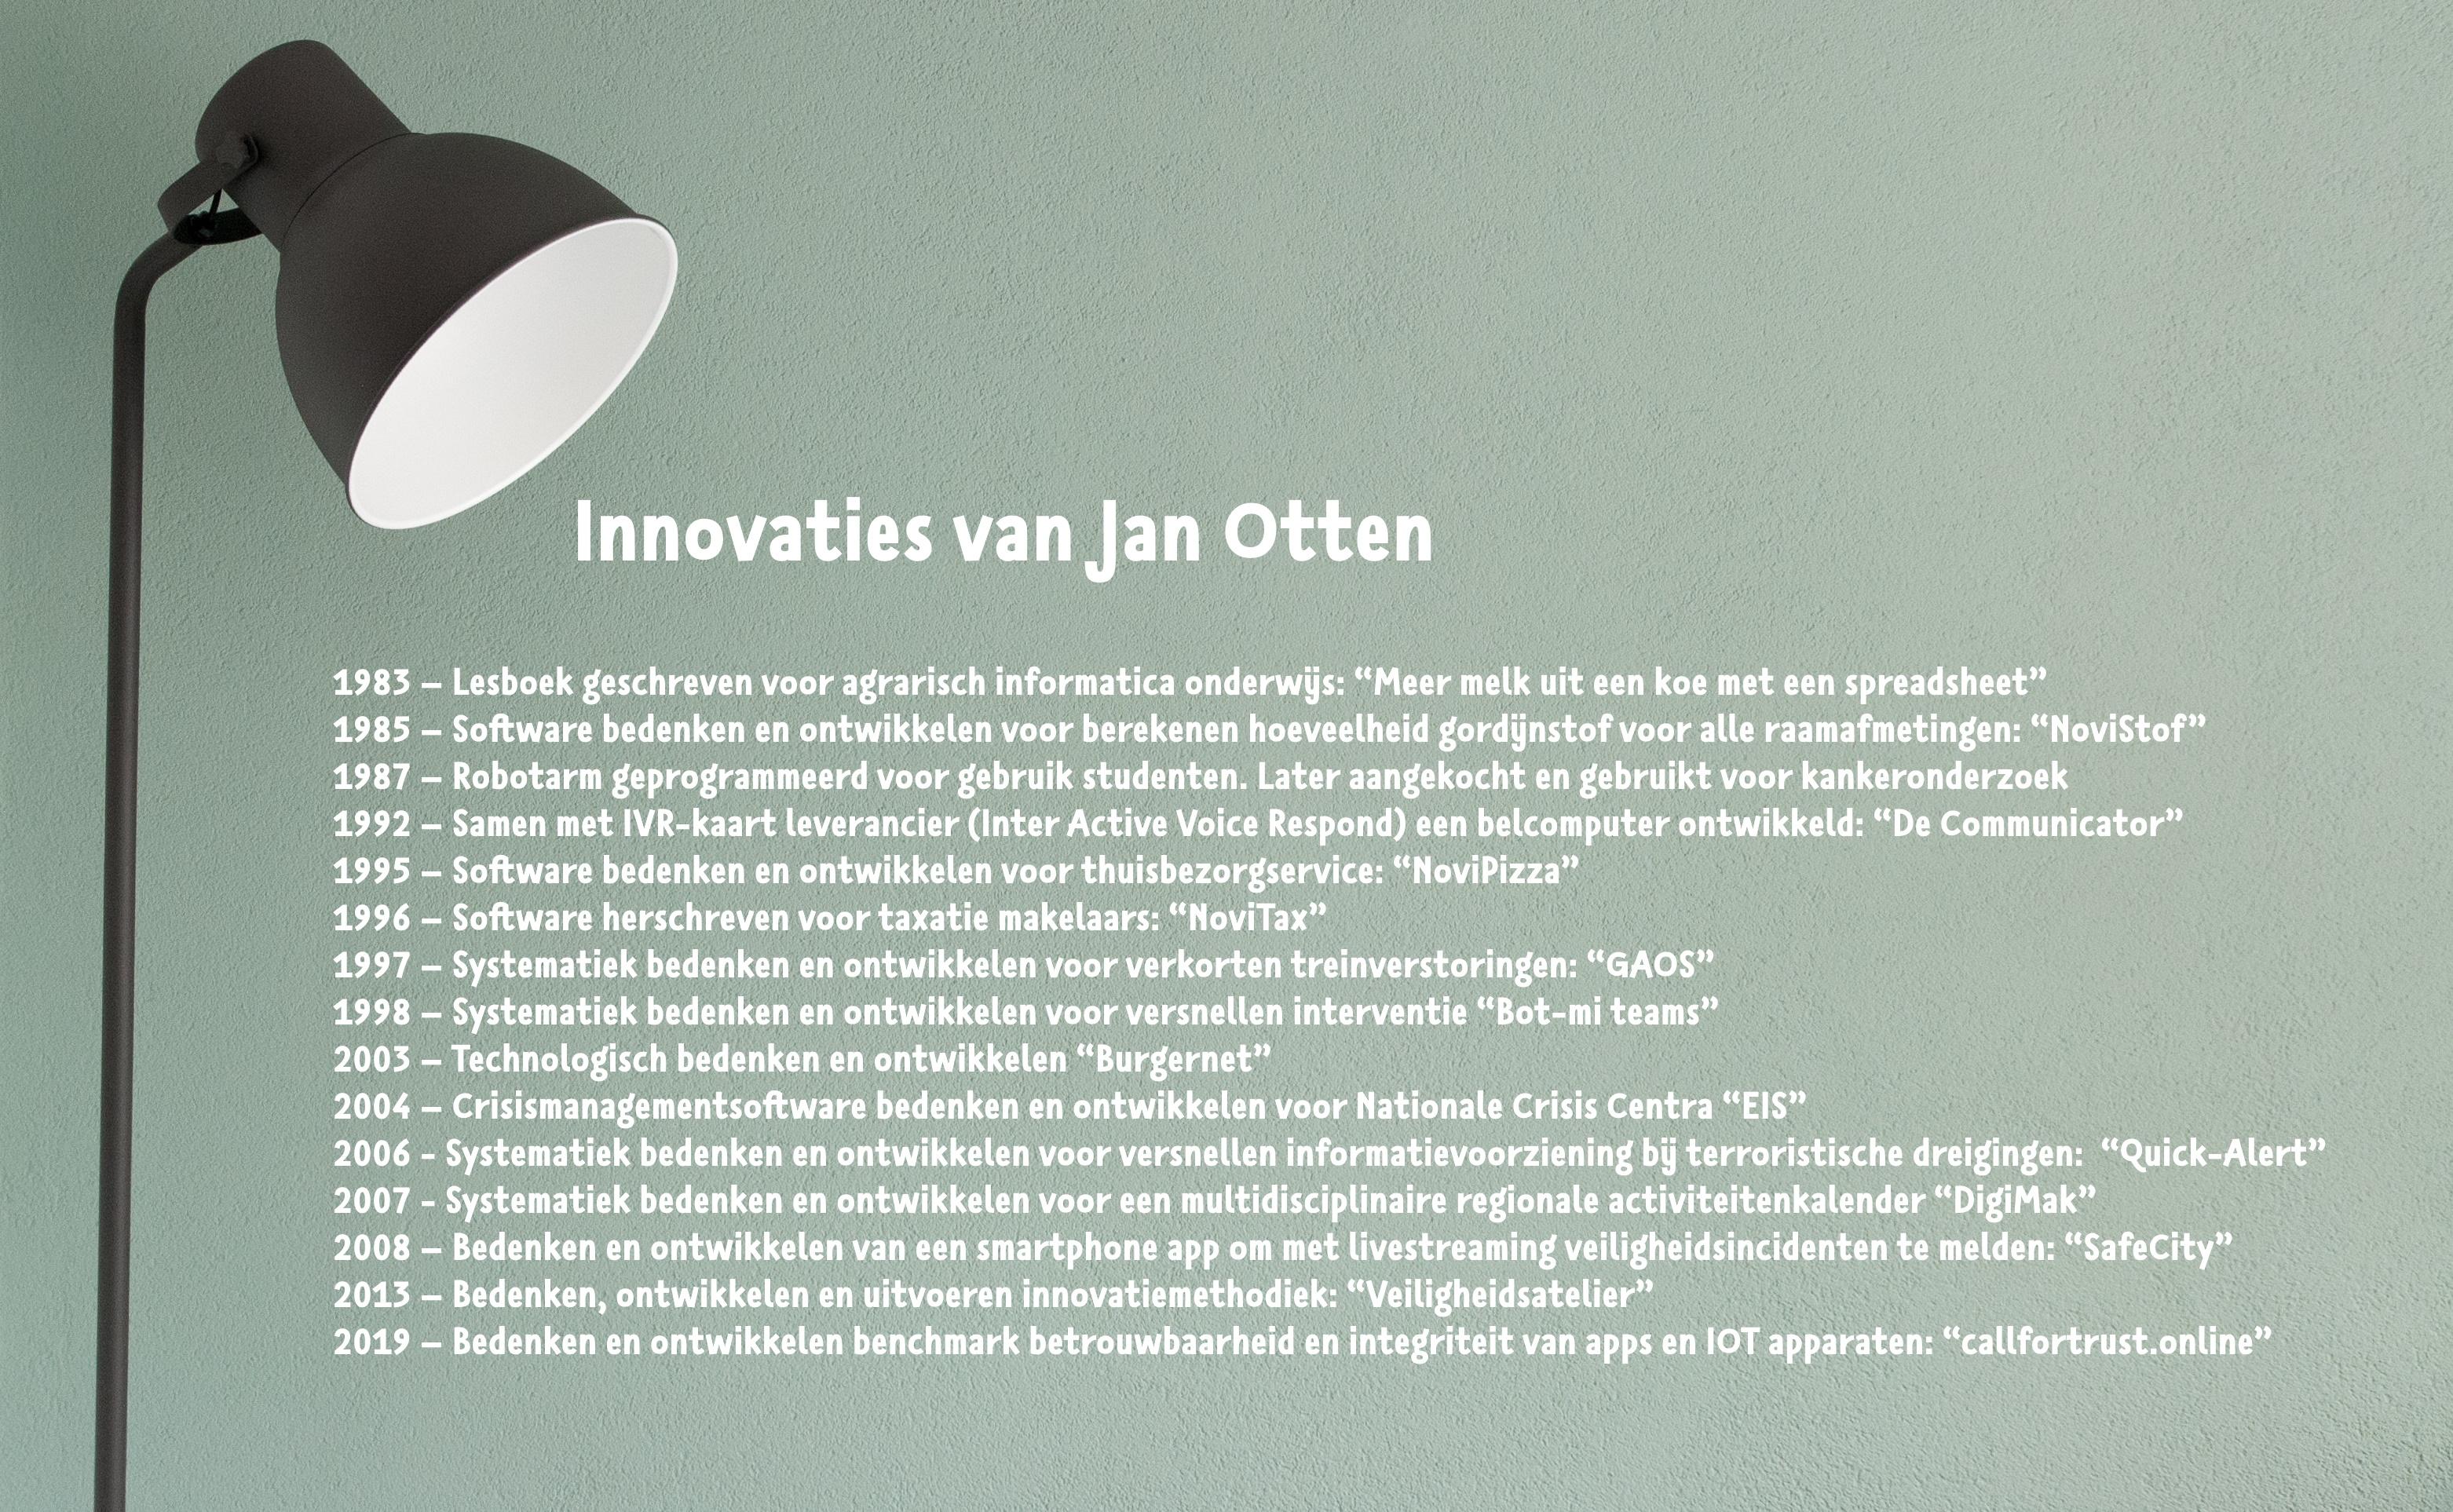 Deze innovaties zijn van de hand van Jan Otten